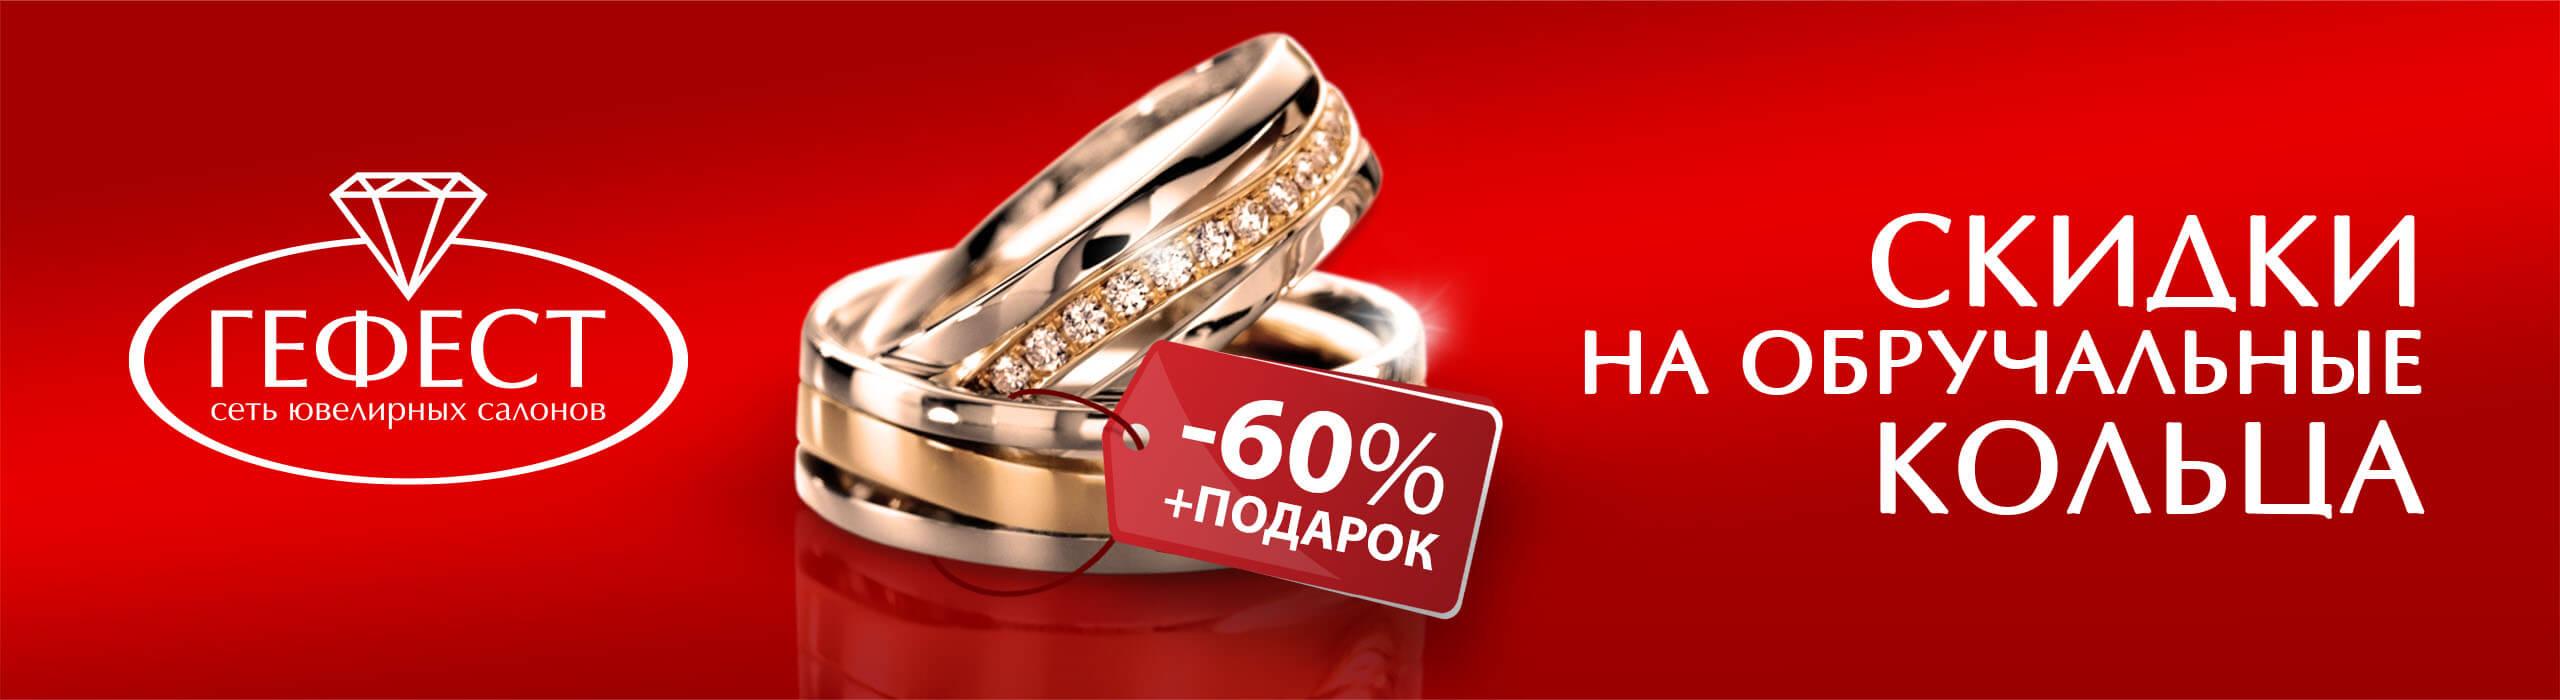 Скидка 60% на обручальные кольца